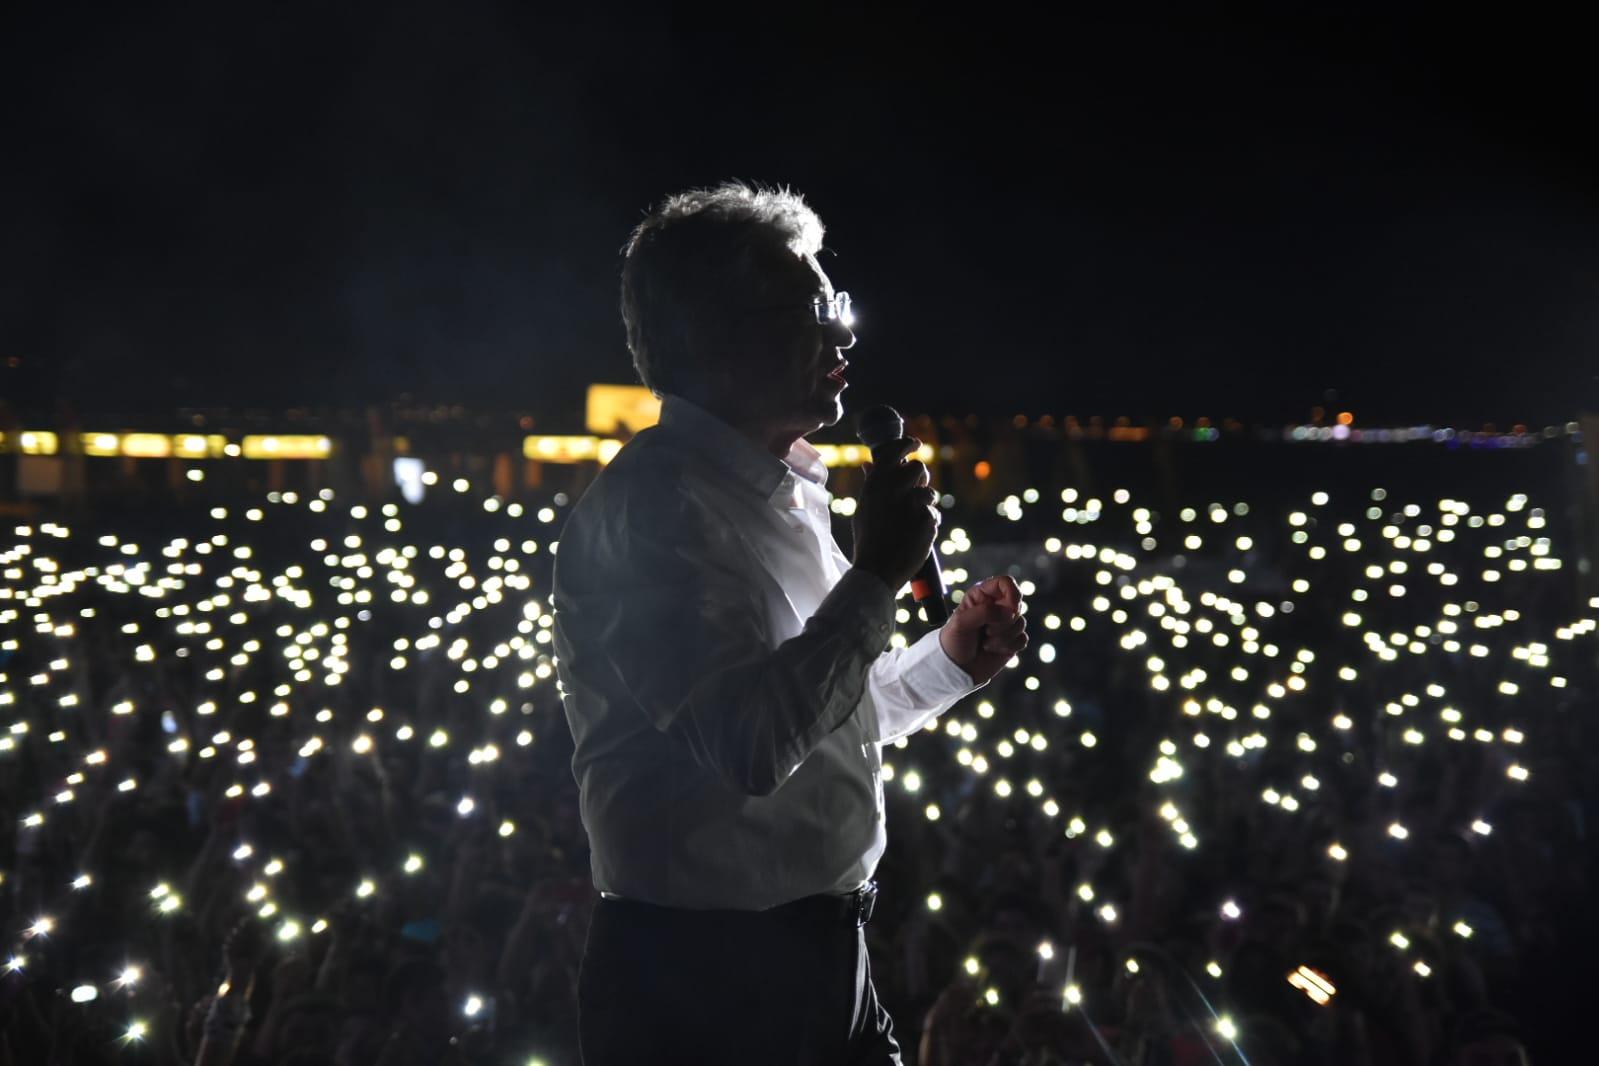 BAŞKAN ARSLAN ROCK FESTİVALİ'NDE GENÇLERE SESLENDİ